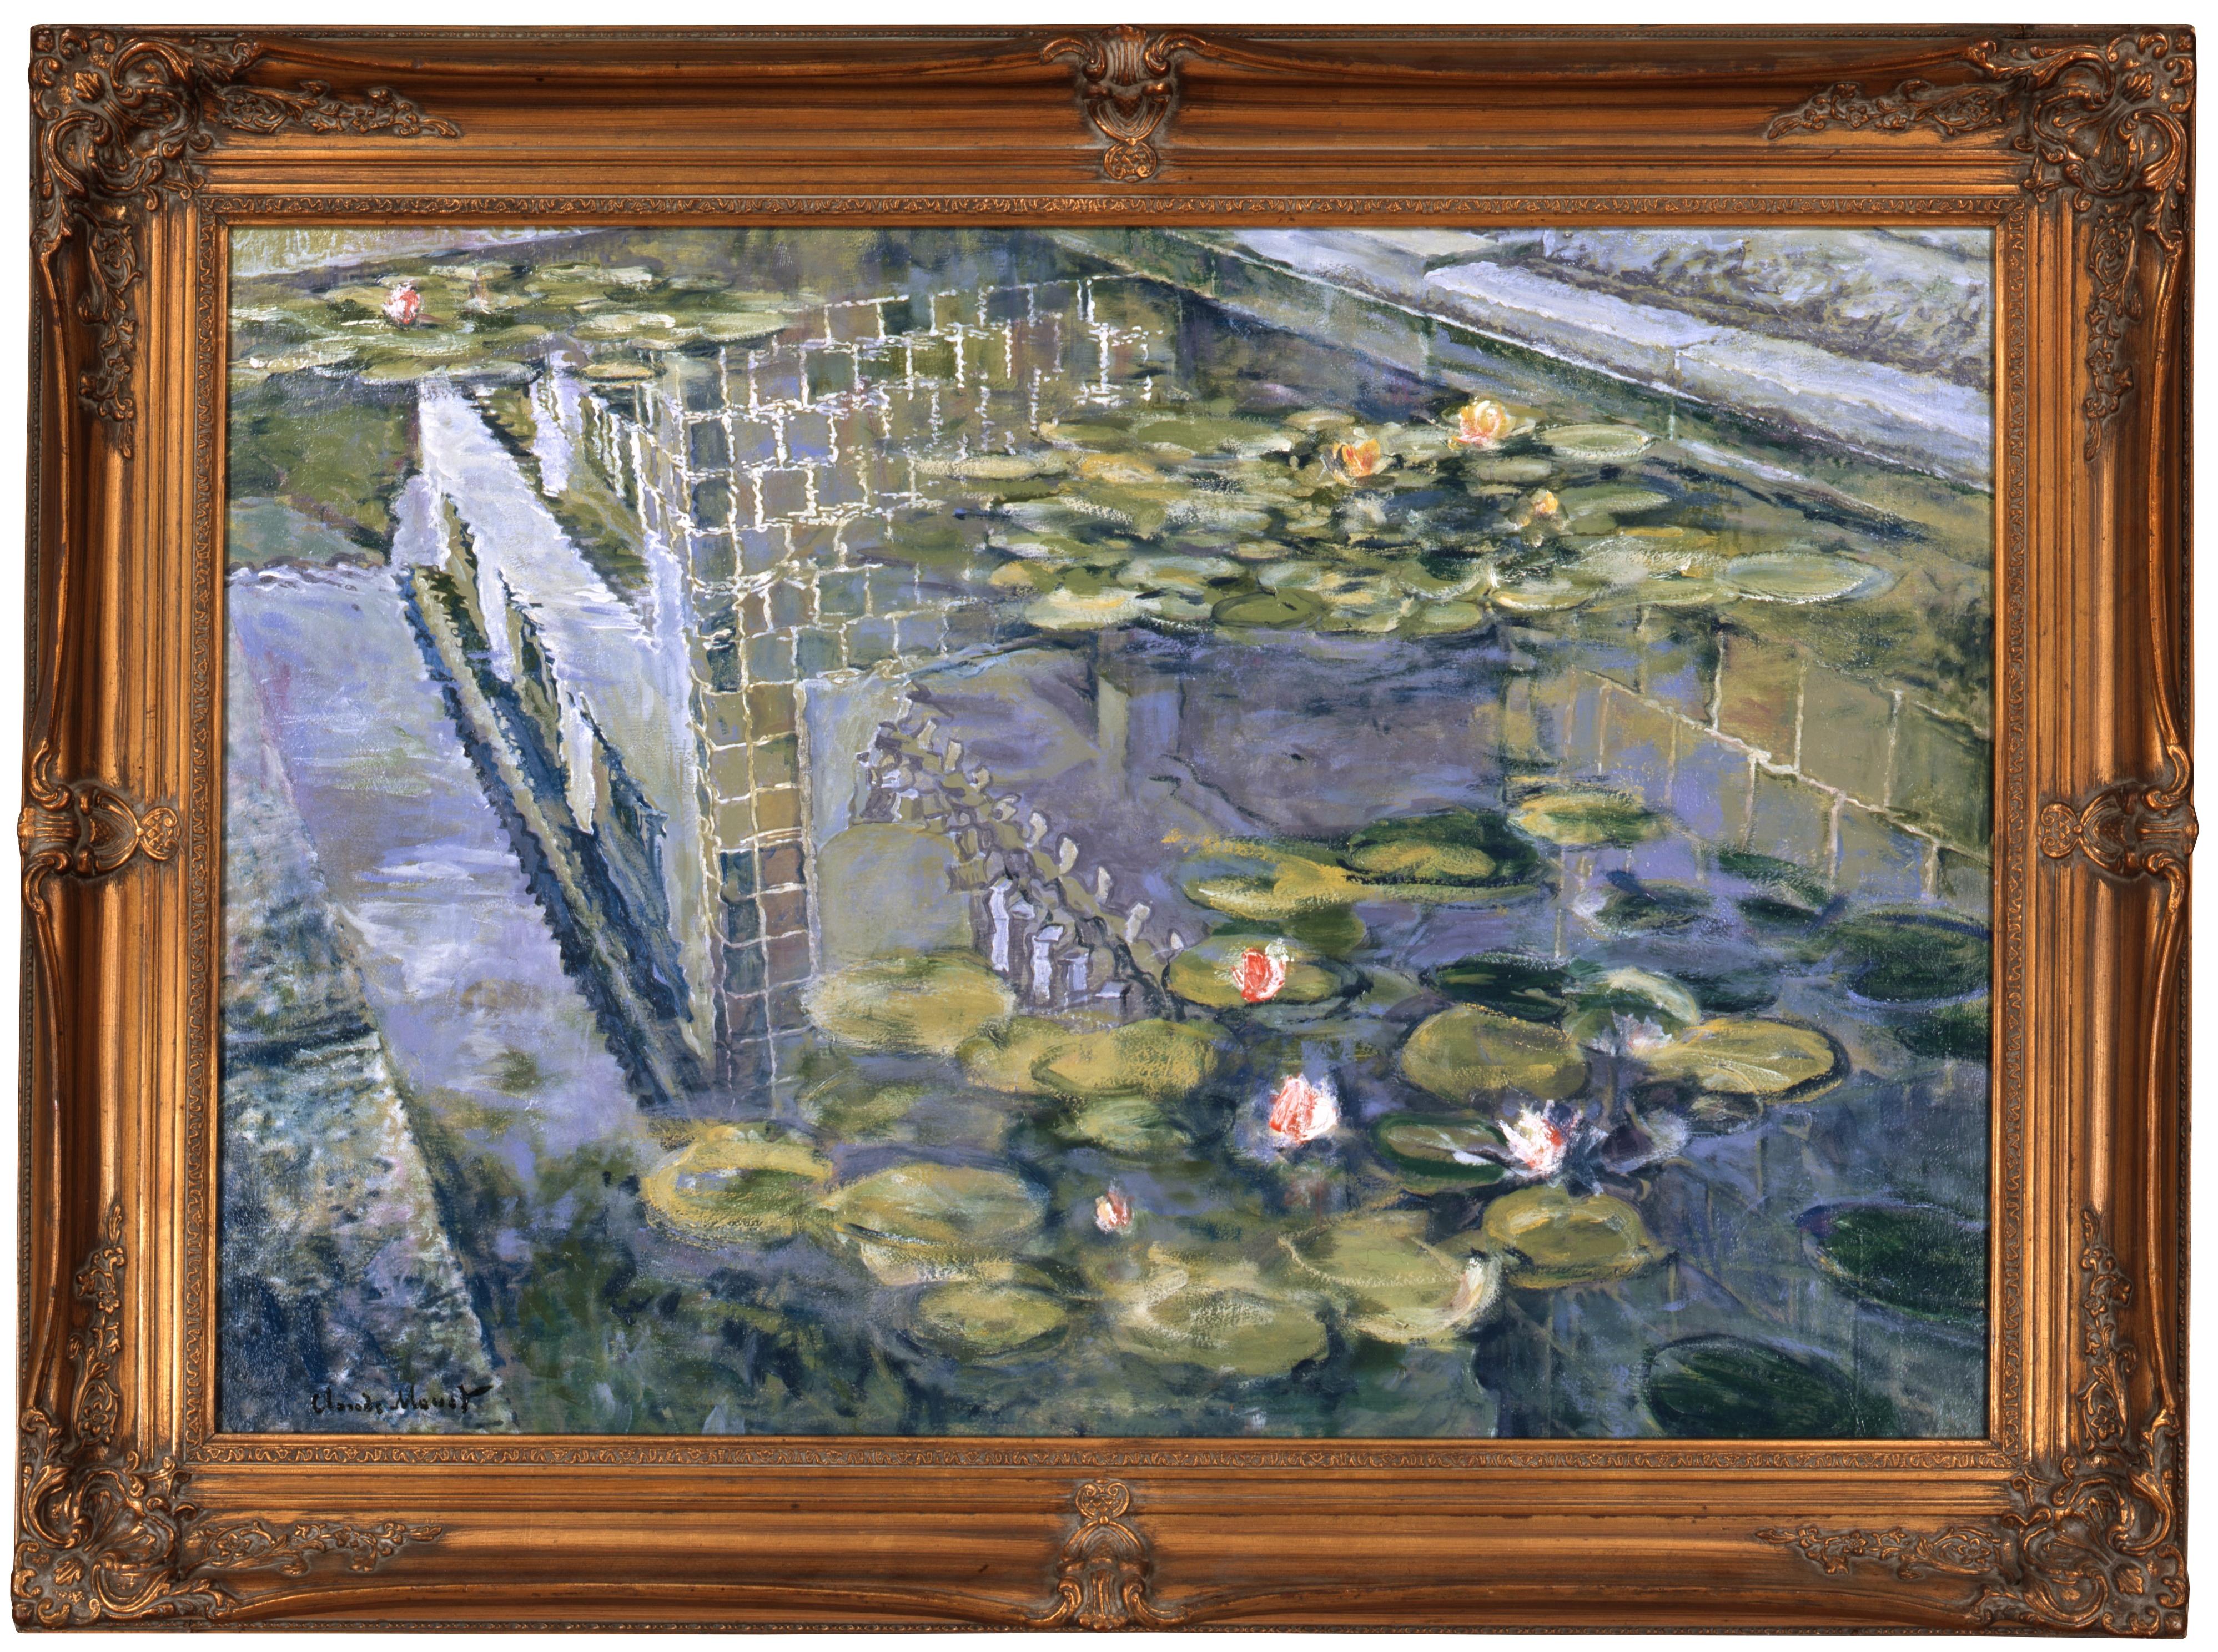 名古屋市美術館で4回目のモネ展!「モネ それからの100年」の魅力 - 365ed215976470f4fe8aaf30525e4e2e